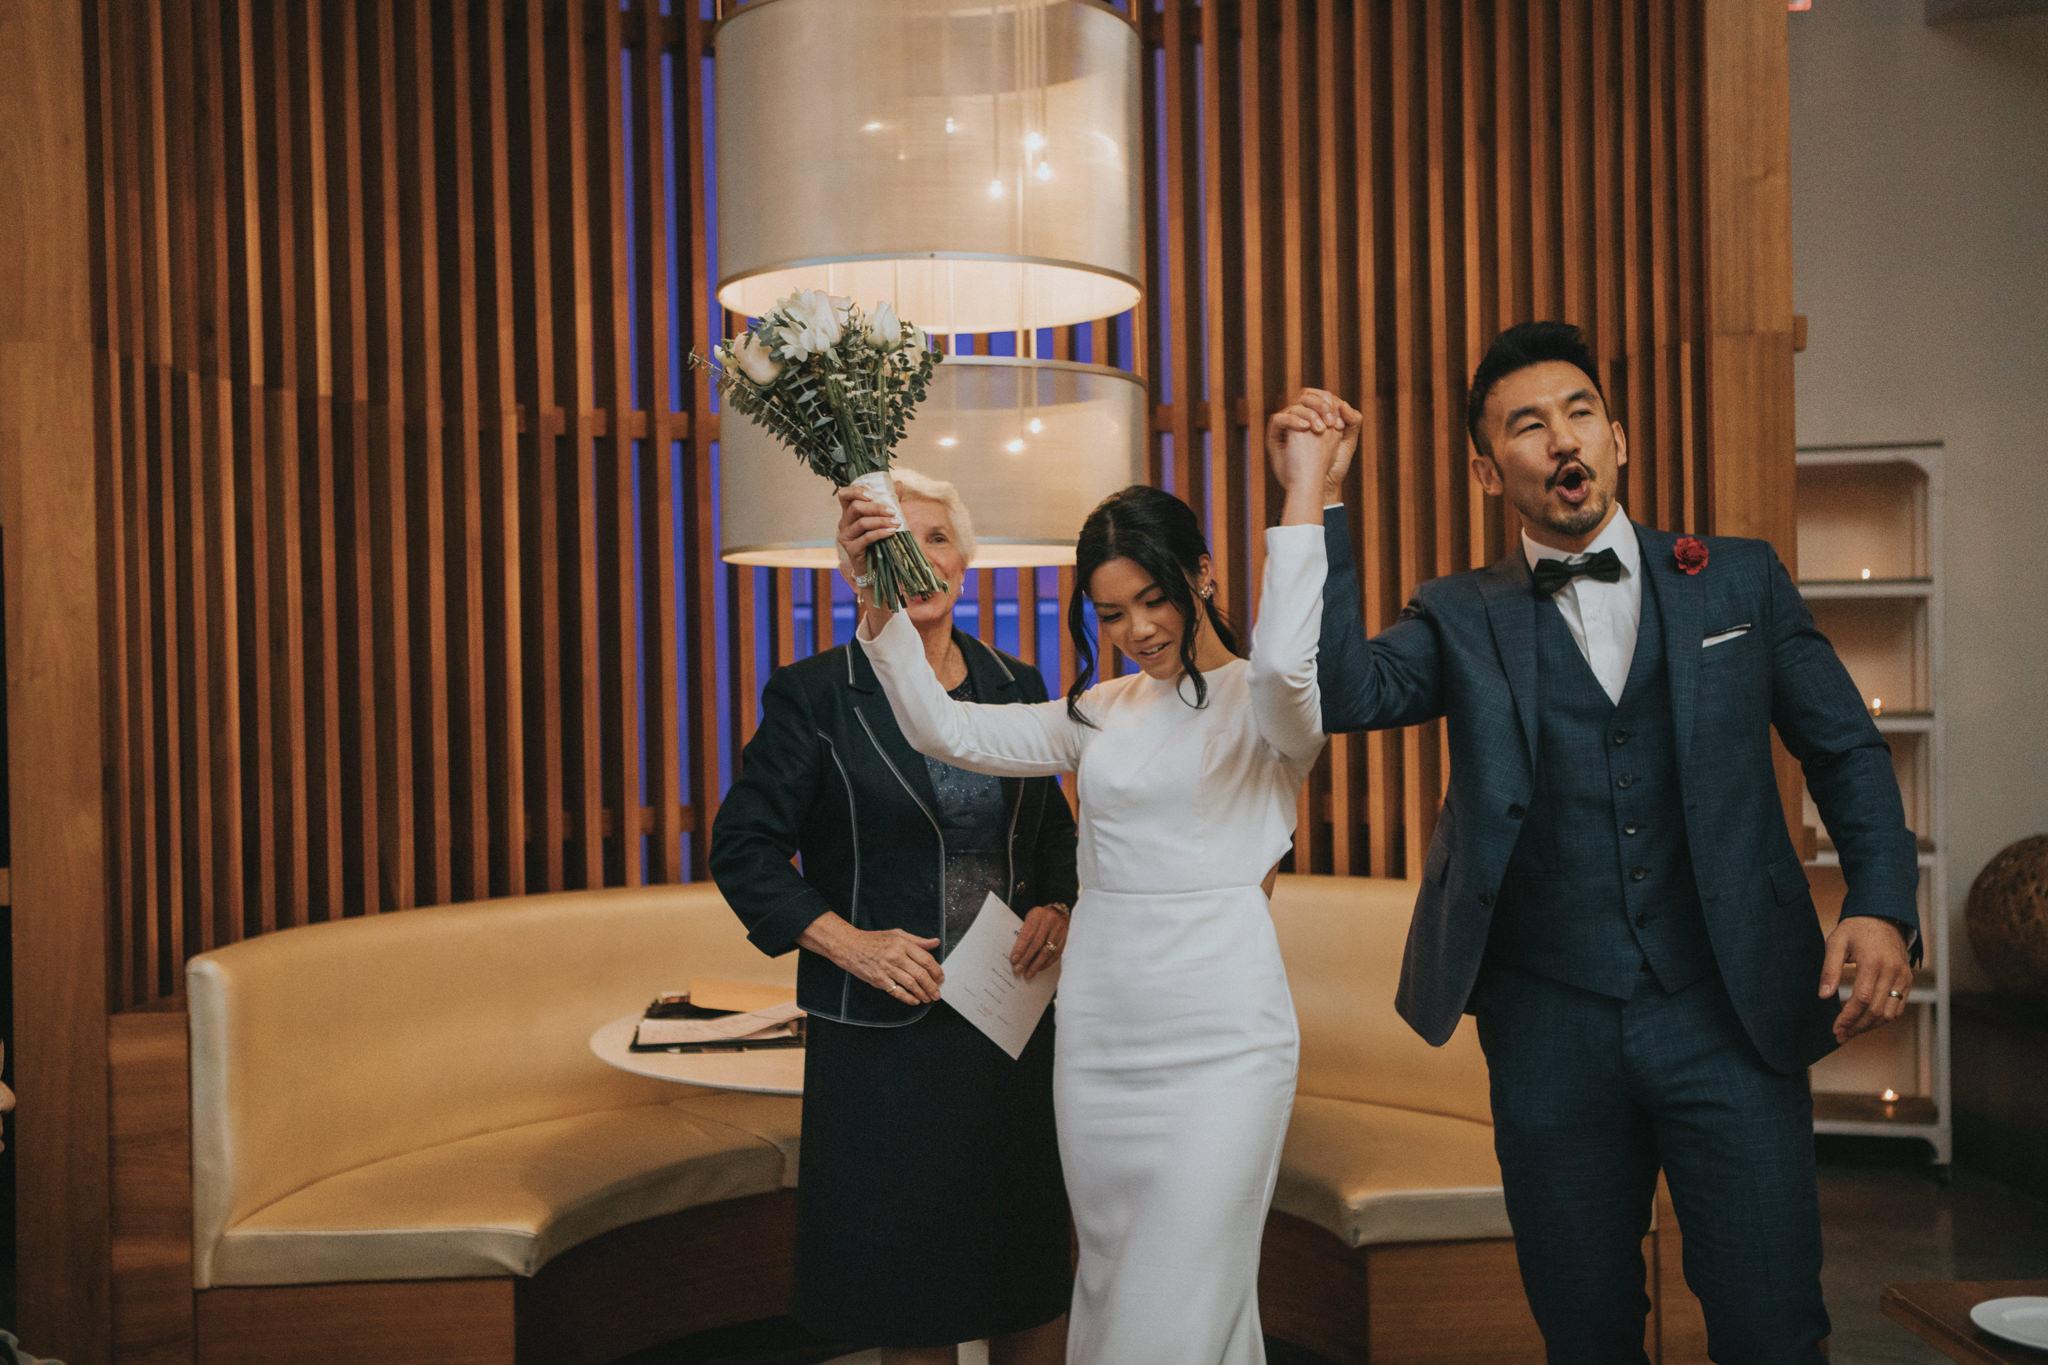 mildreds temple kitchen wedding 515 - Mildred's Temple Kitchen Wedding